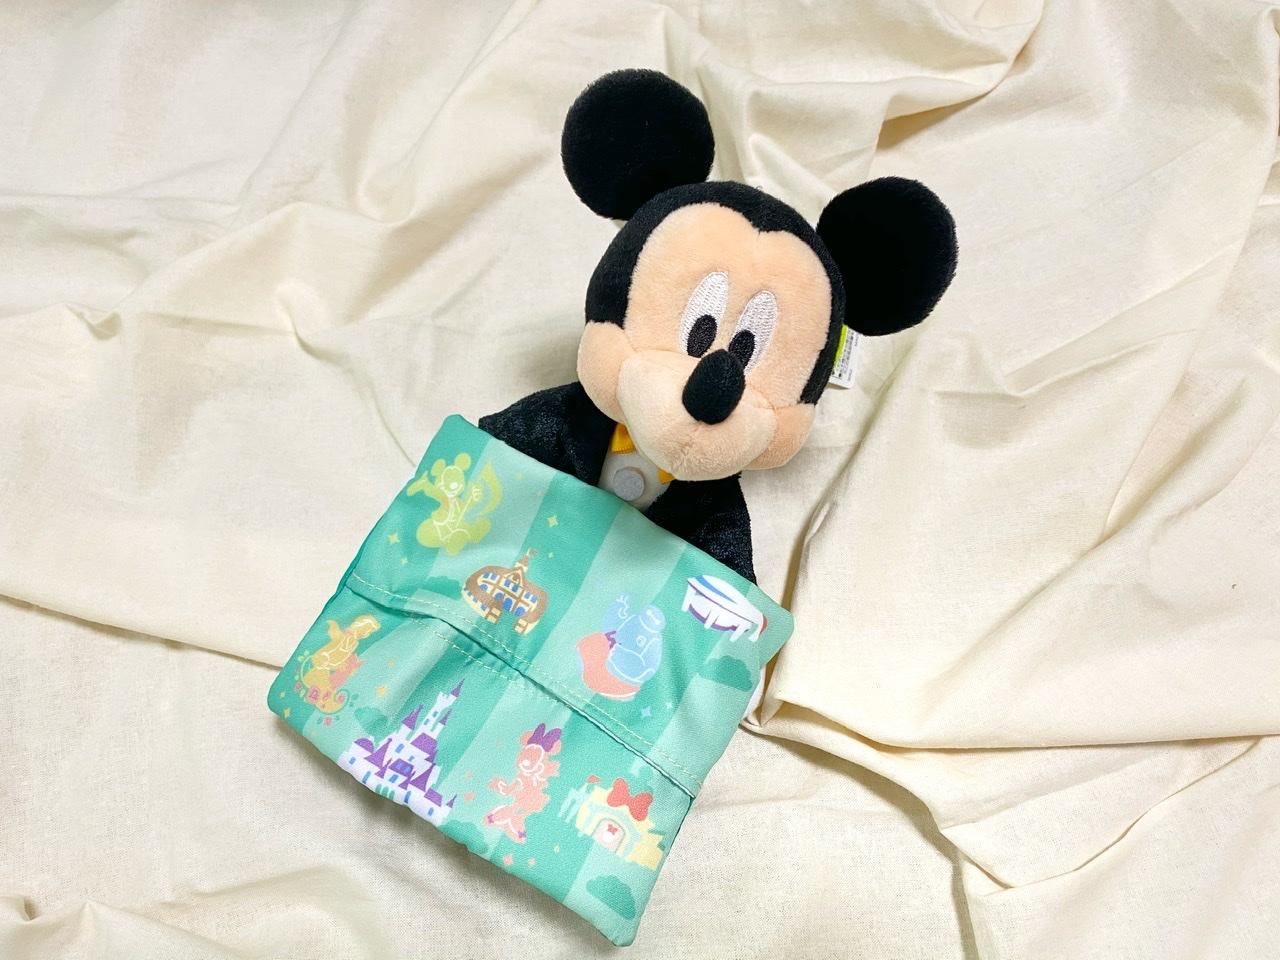 ついに【ディズニー新エリアグッズ】をGET♡私の購入品はこちら♡_2